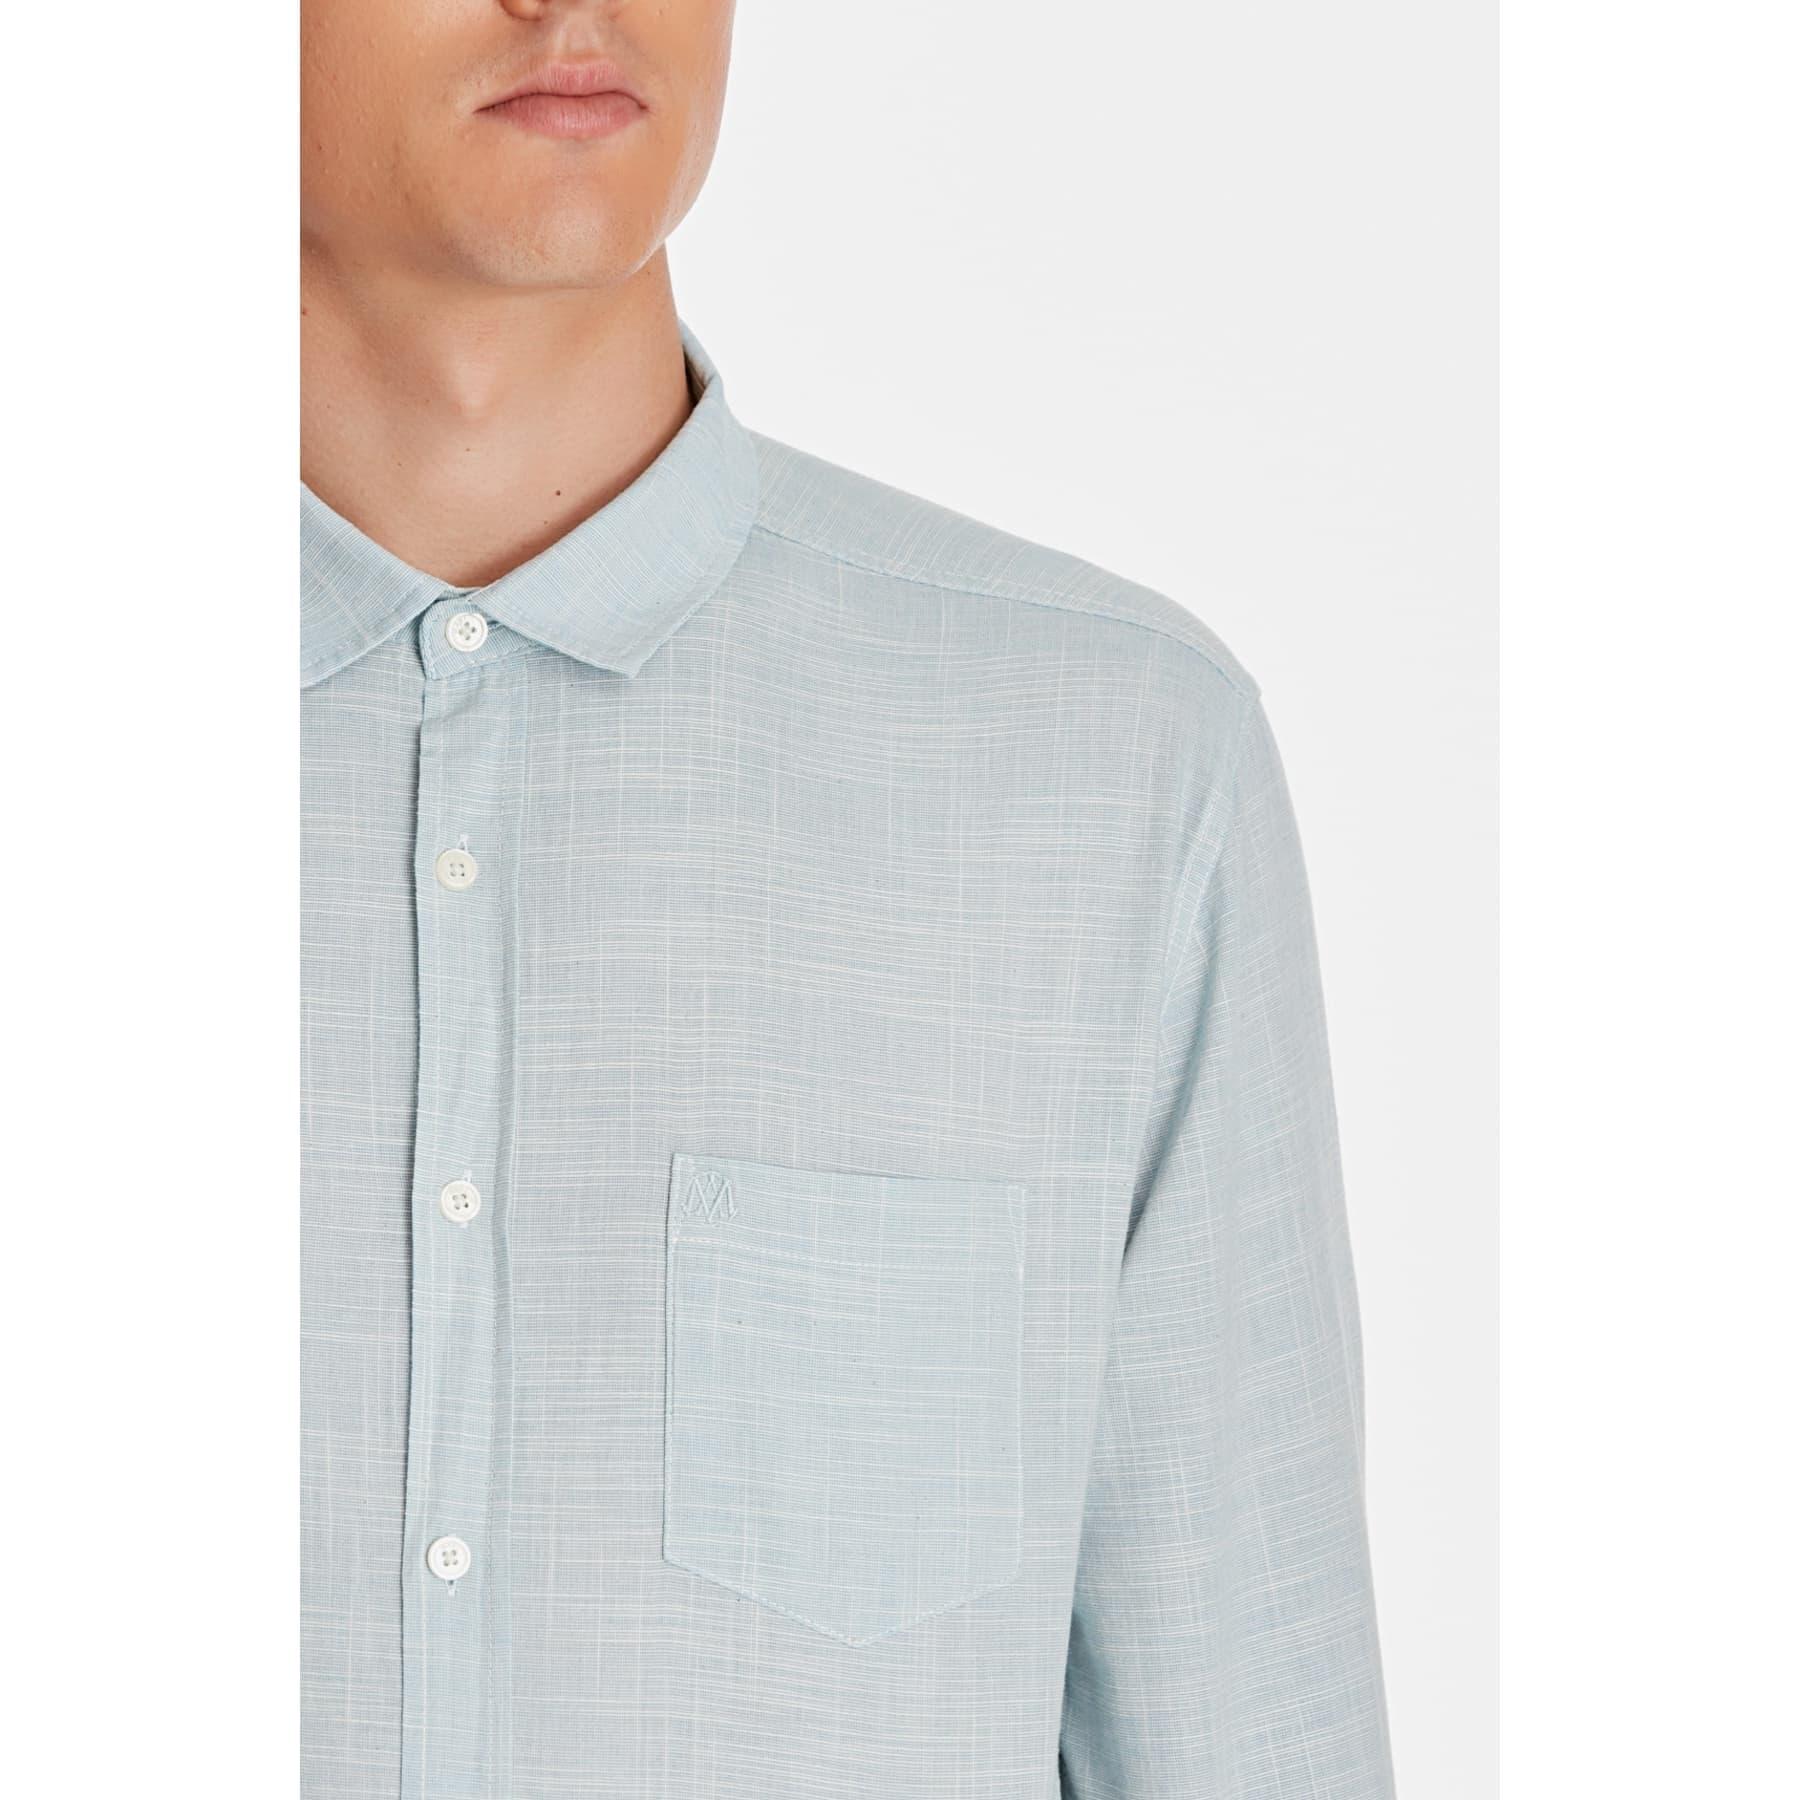 Tek Cep Gömlek Havacı Mavi